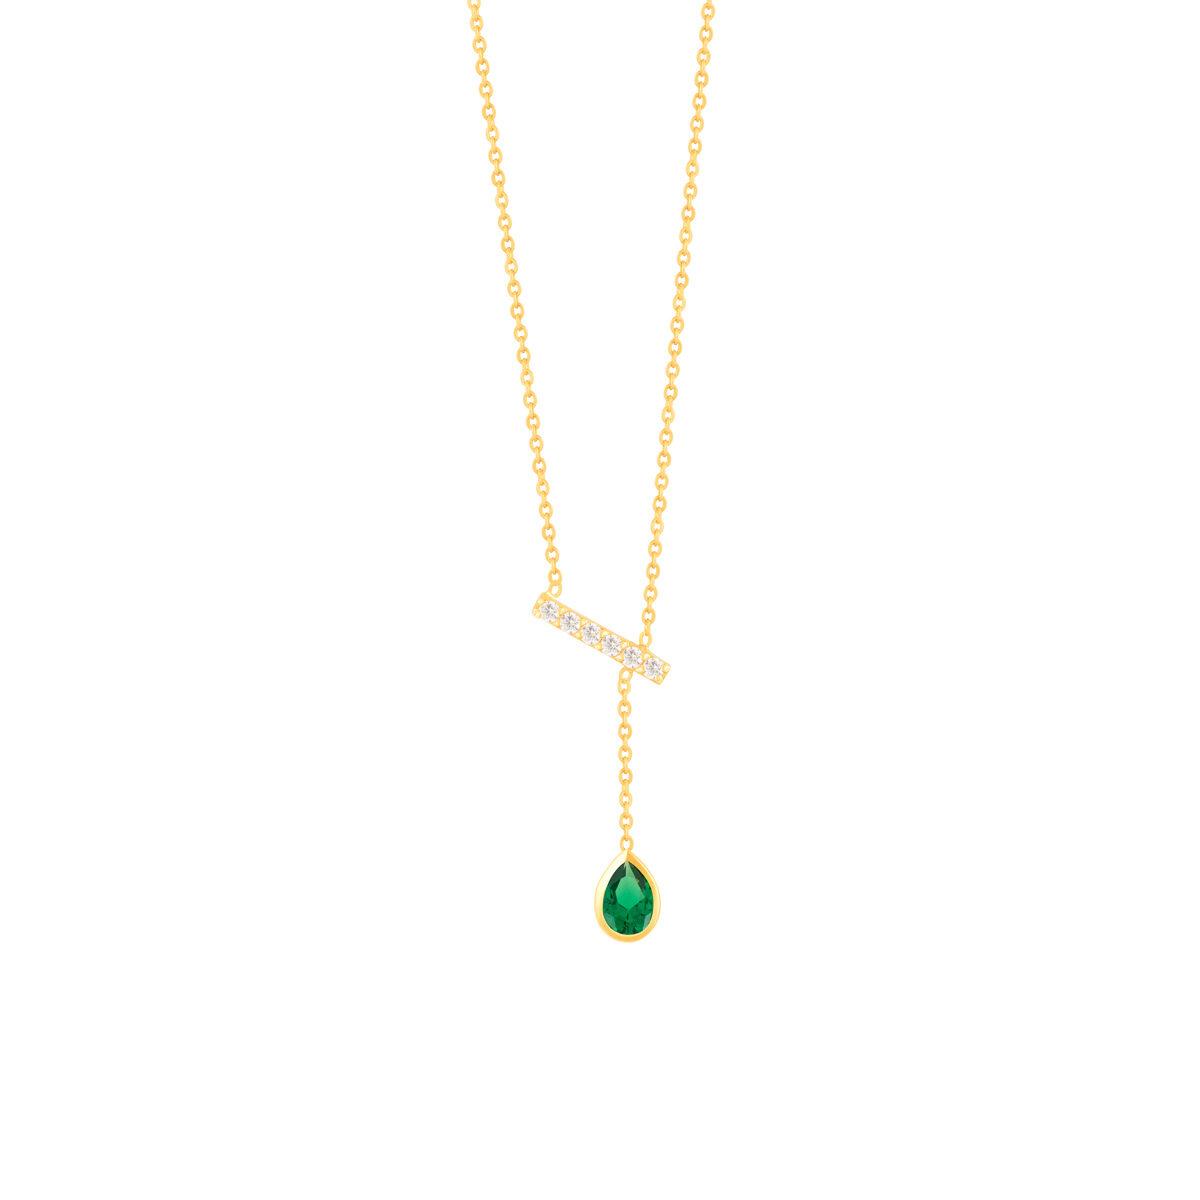 گردنبند طلا خط نگین دار و اشک سبز